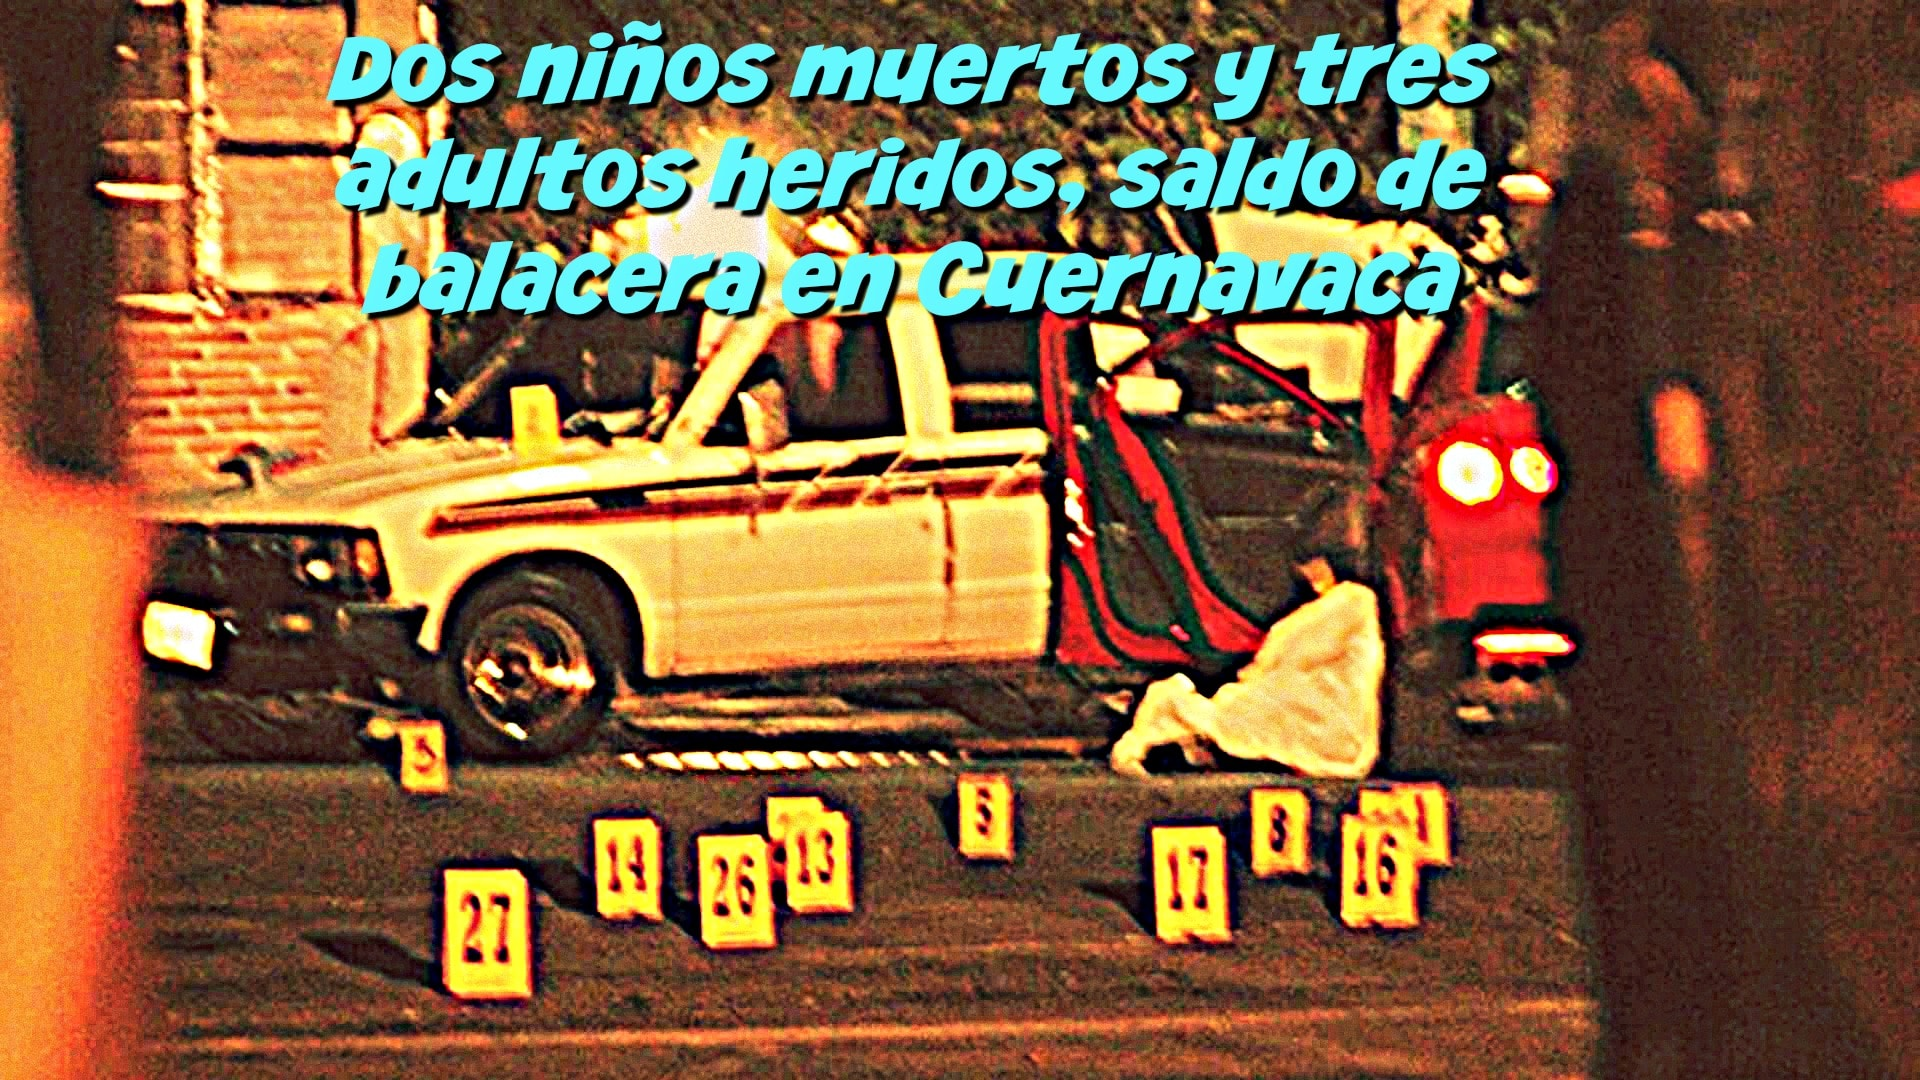 Dos niños muertos y tres heridos, saldo de balacera en Cuernavaca.